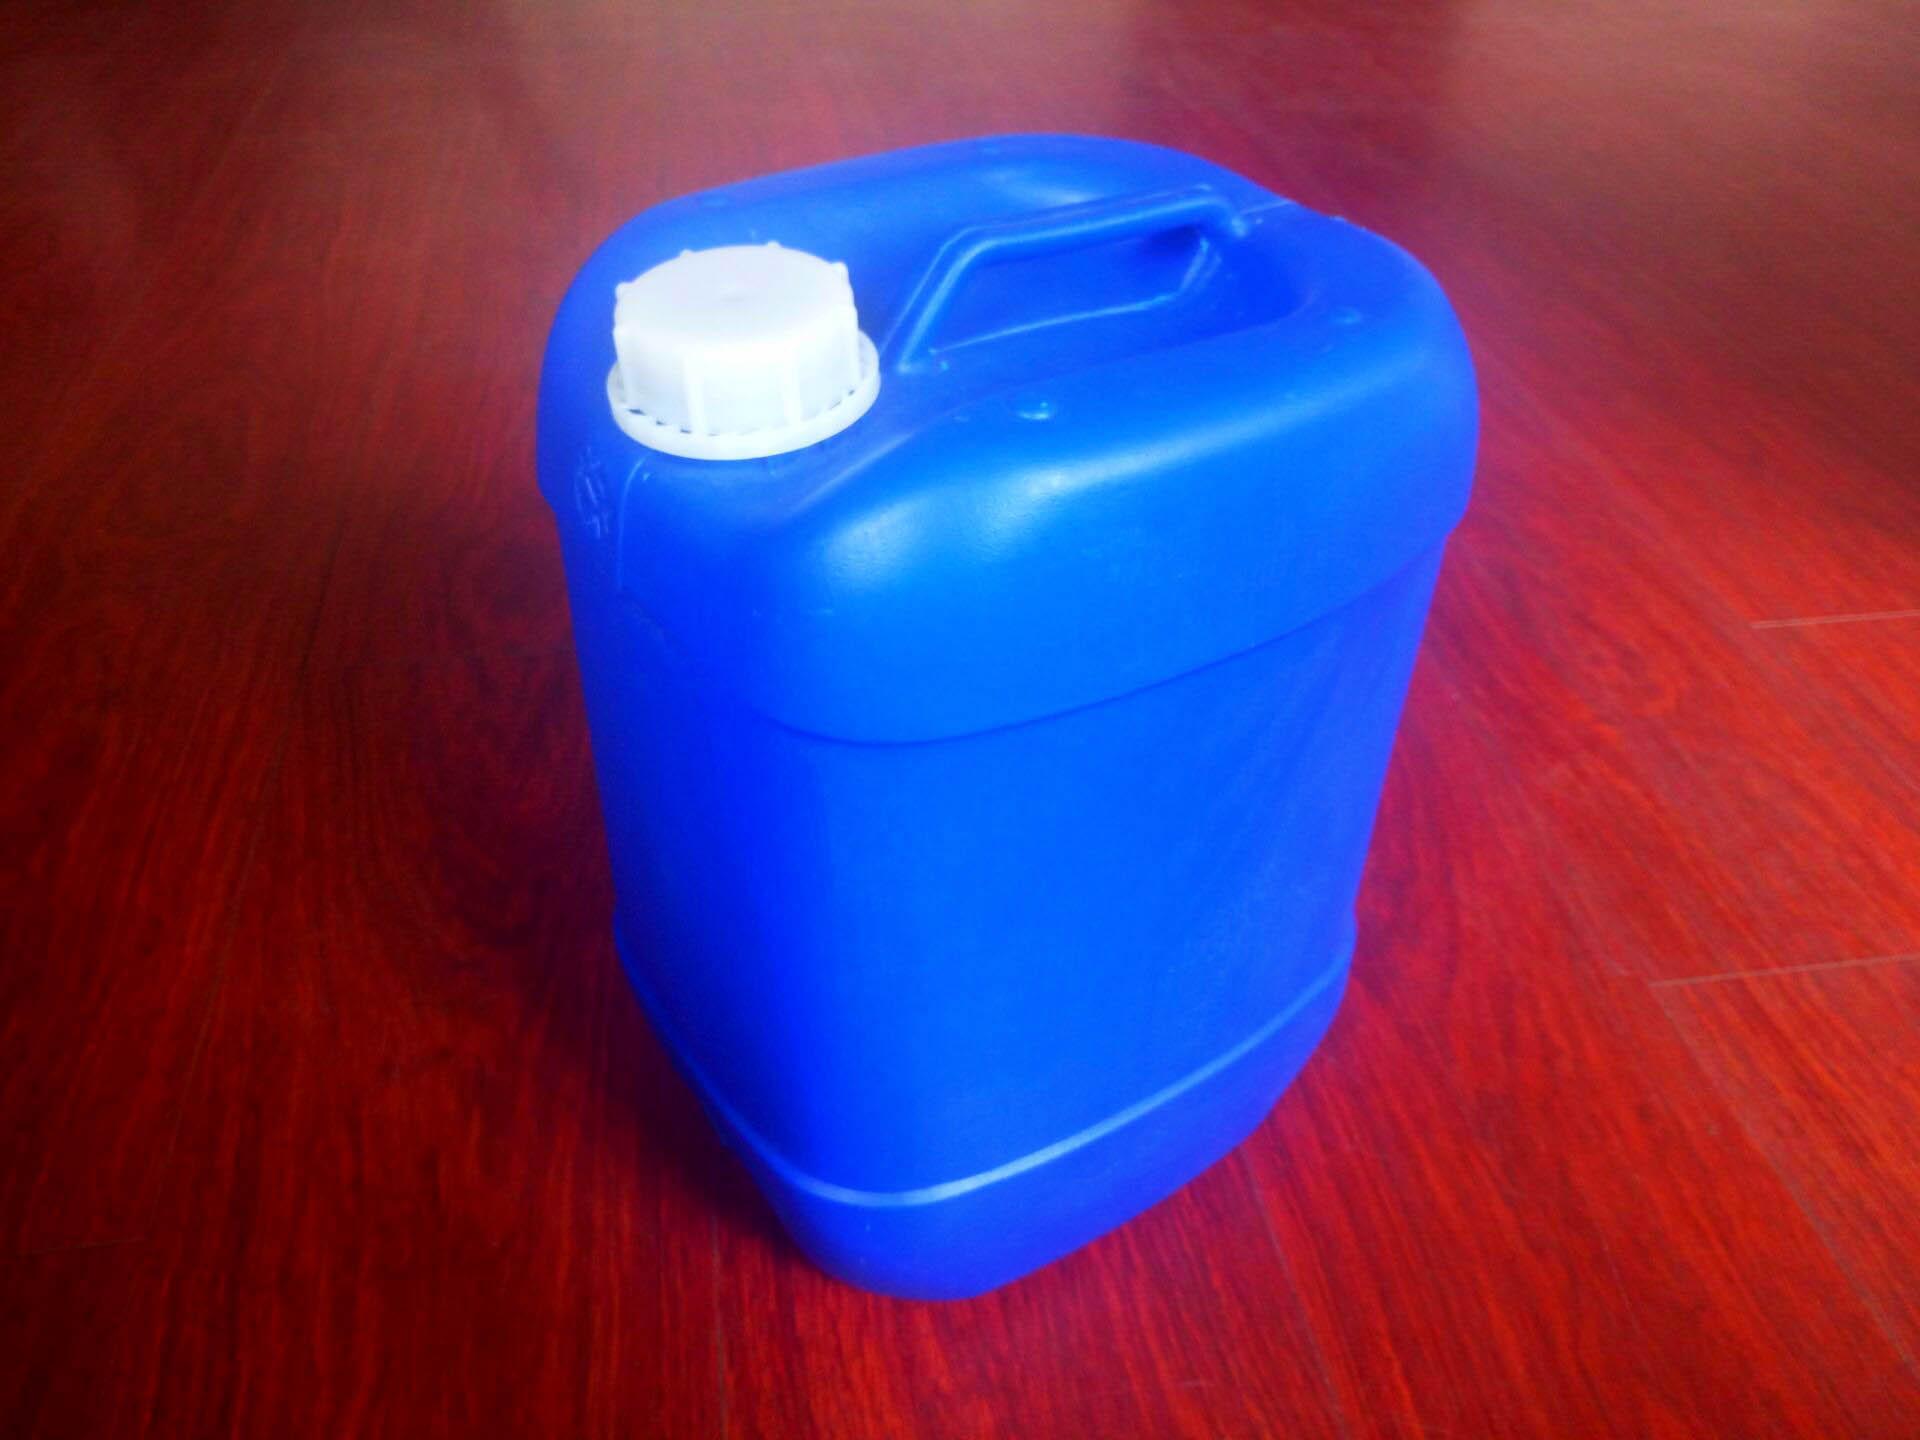 塑料桶生产厂家,25升塑料桶 塑料桶生产厂家,出口UN塑料桶,25升化工塑料桶